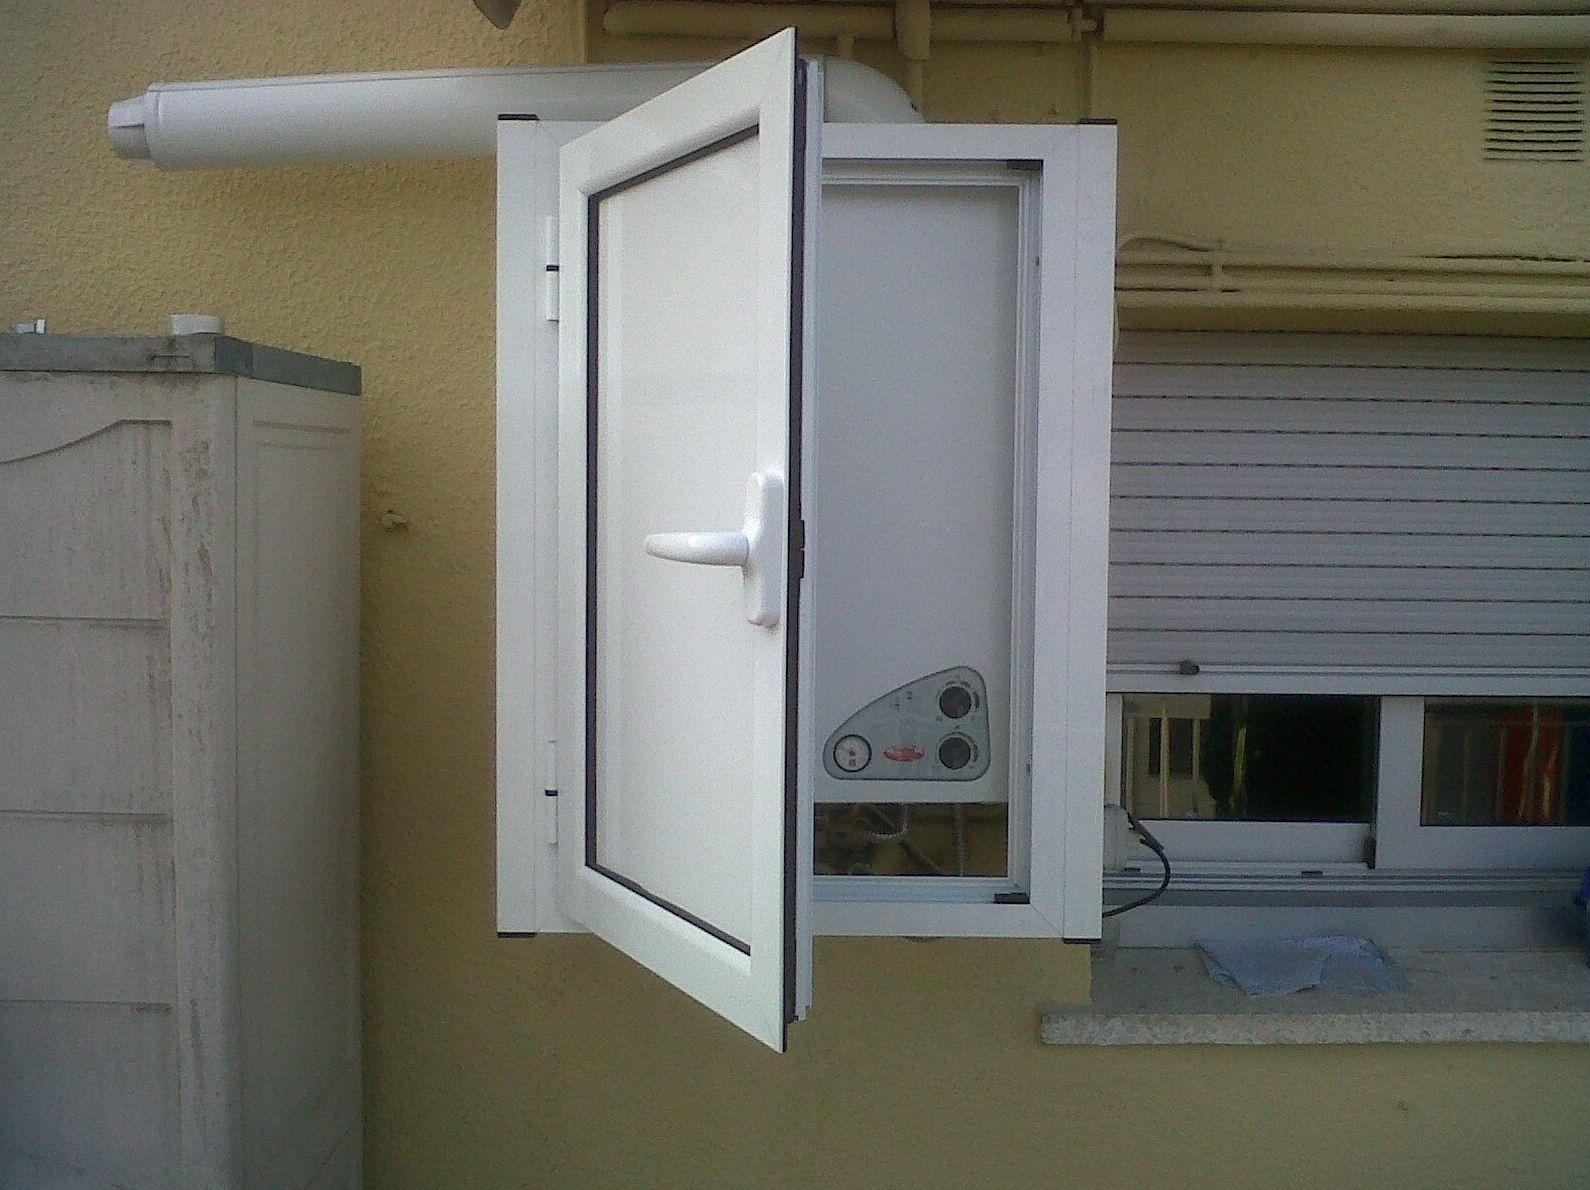 Armario para calentador: Productos y servicios de Metal Masa, S.L.